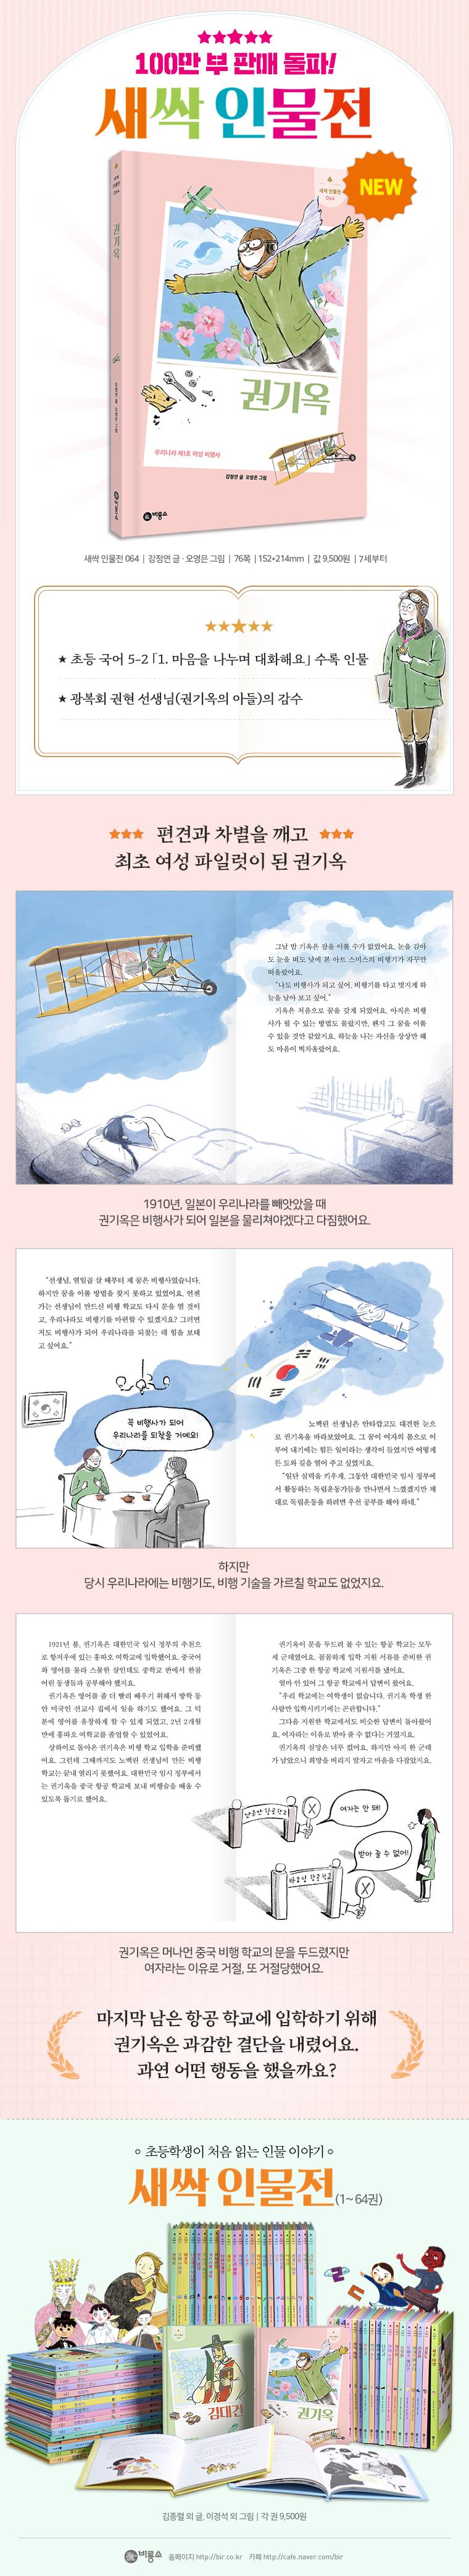 비룡소) 새싹인물전_64권_권기옥_웹페이지